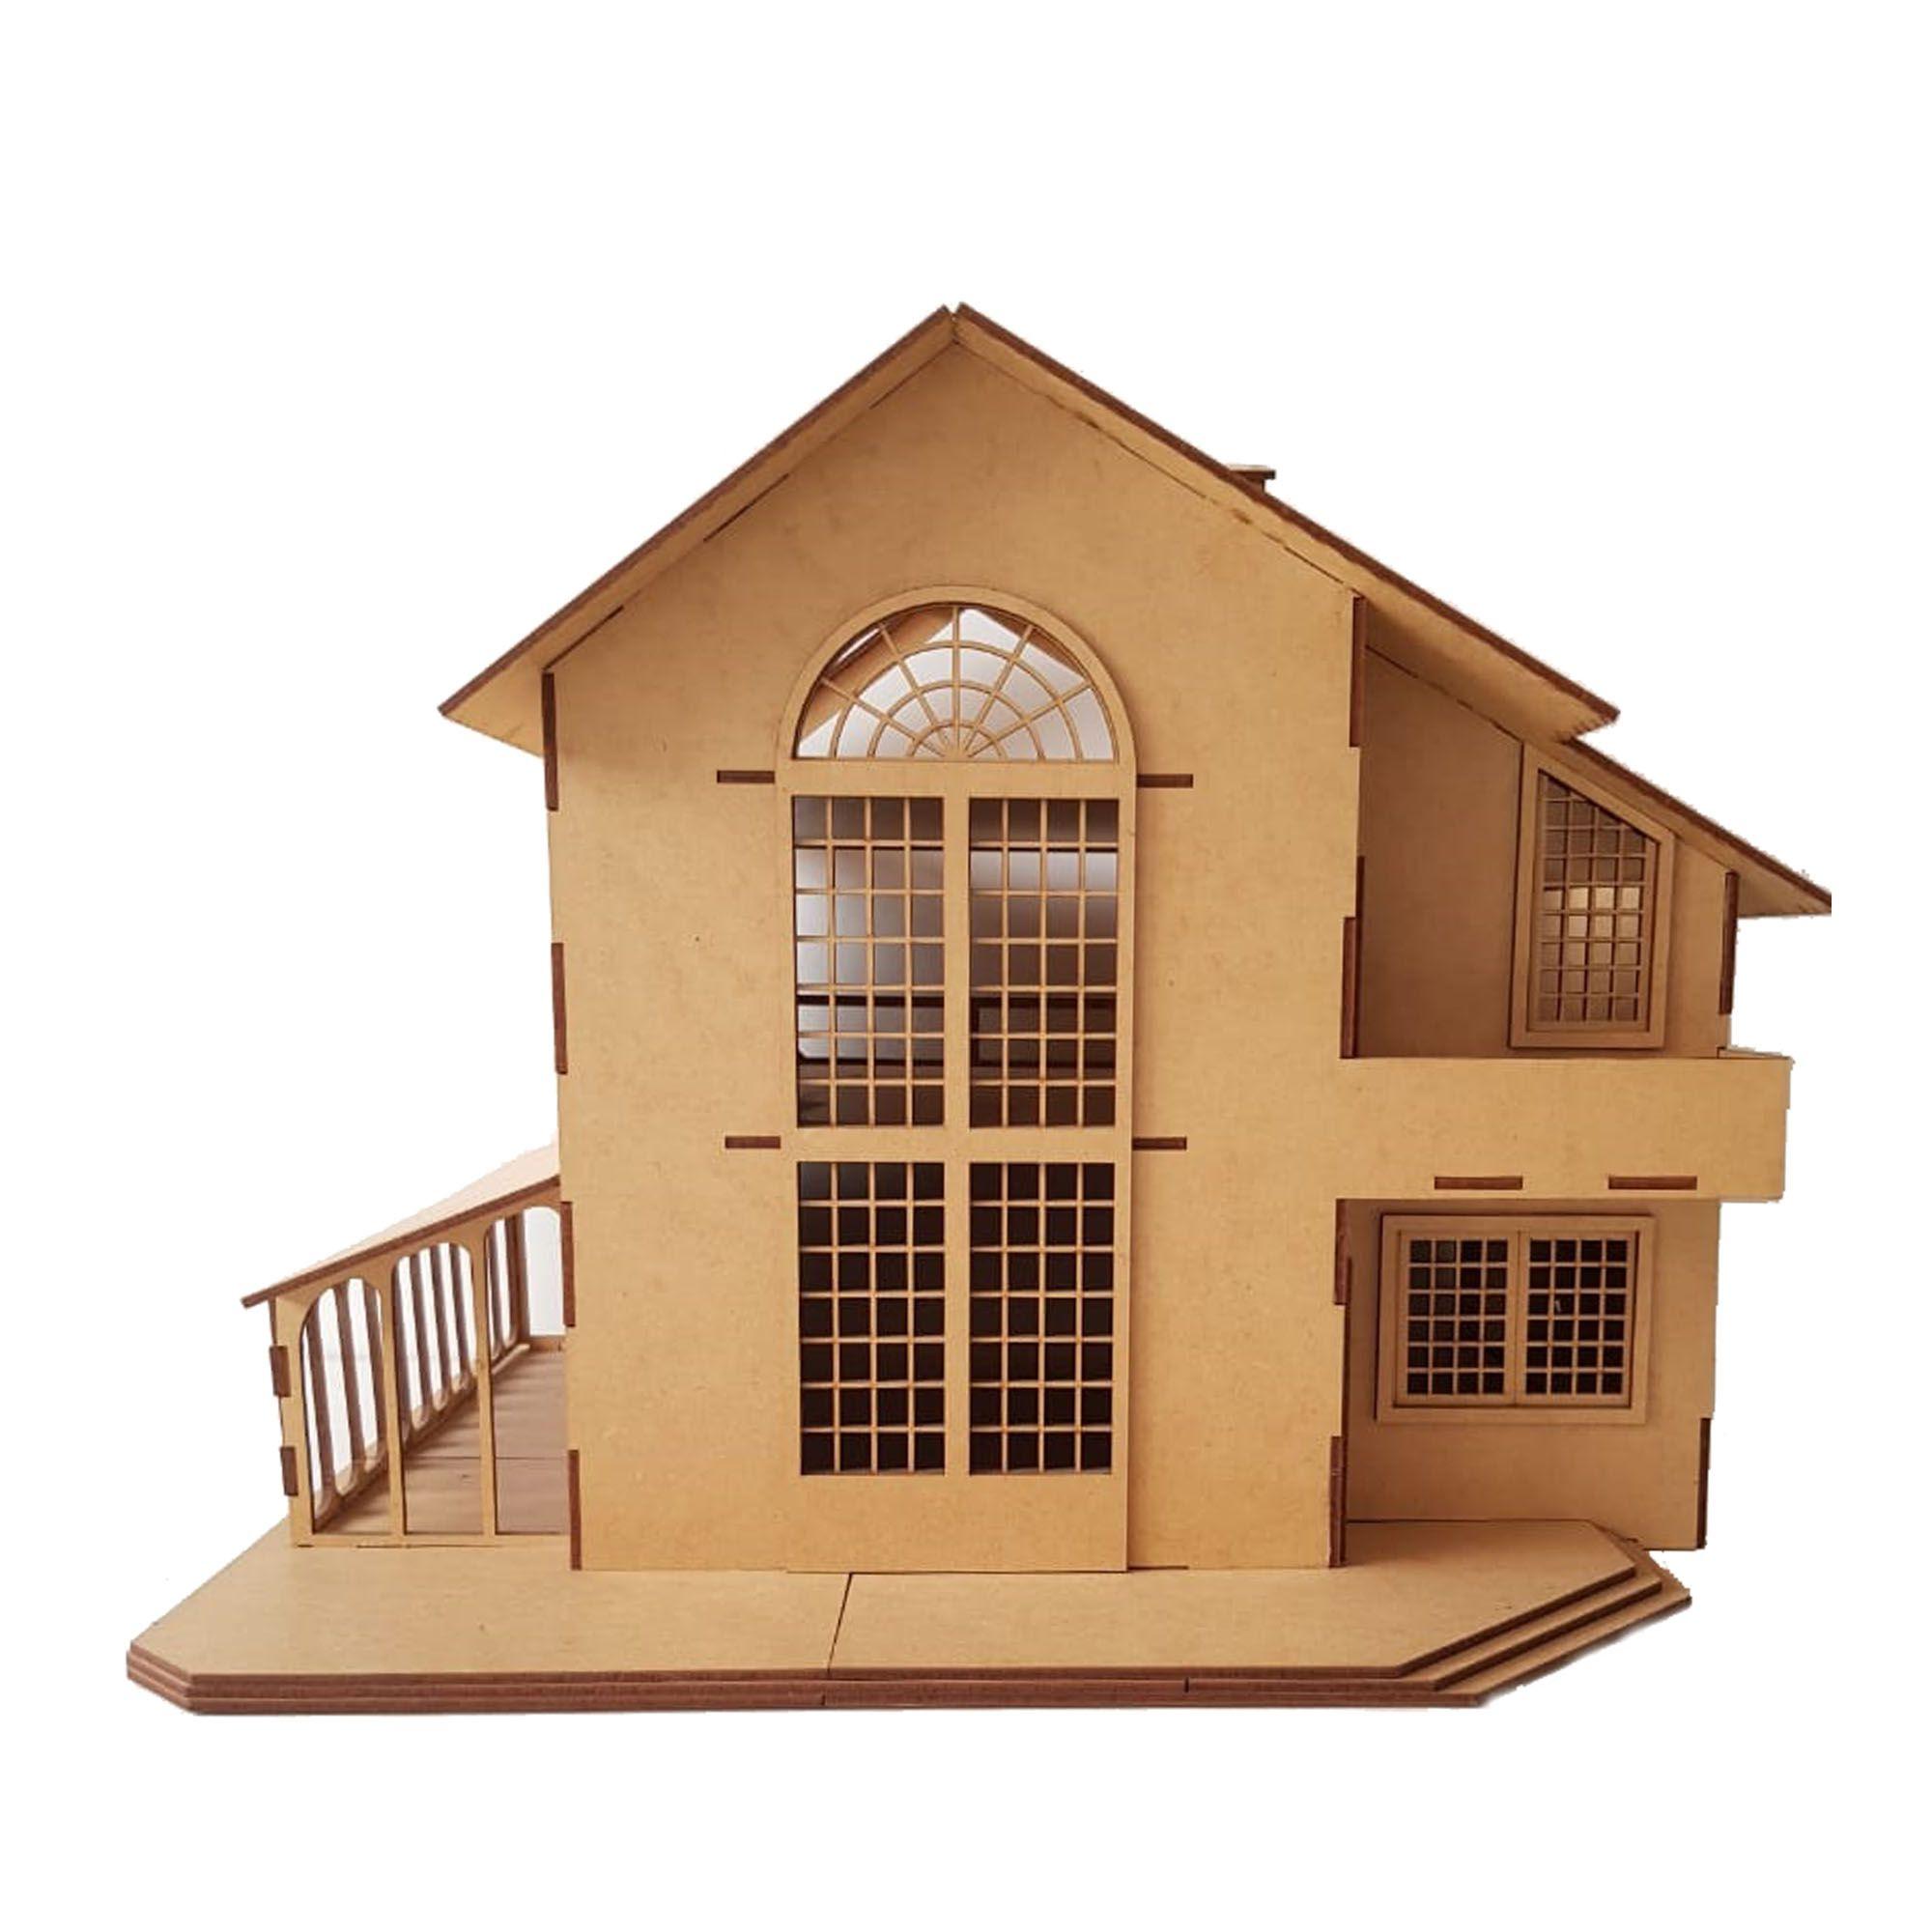 Casa De Bonecas Mdf Para Polly, Barbie Pocket e Similares C9